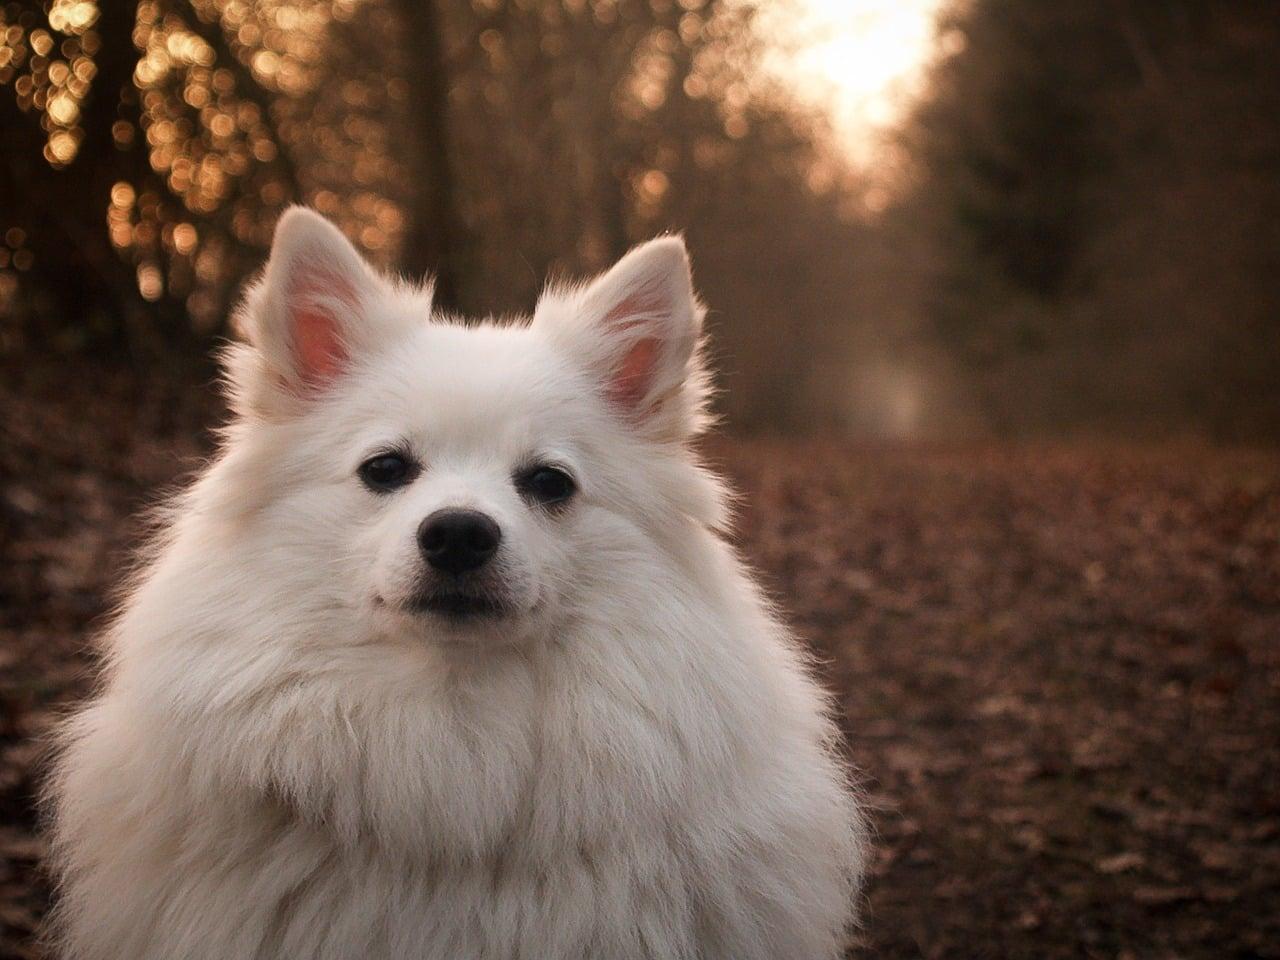 imagen de perro con un atardecer detras